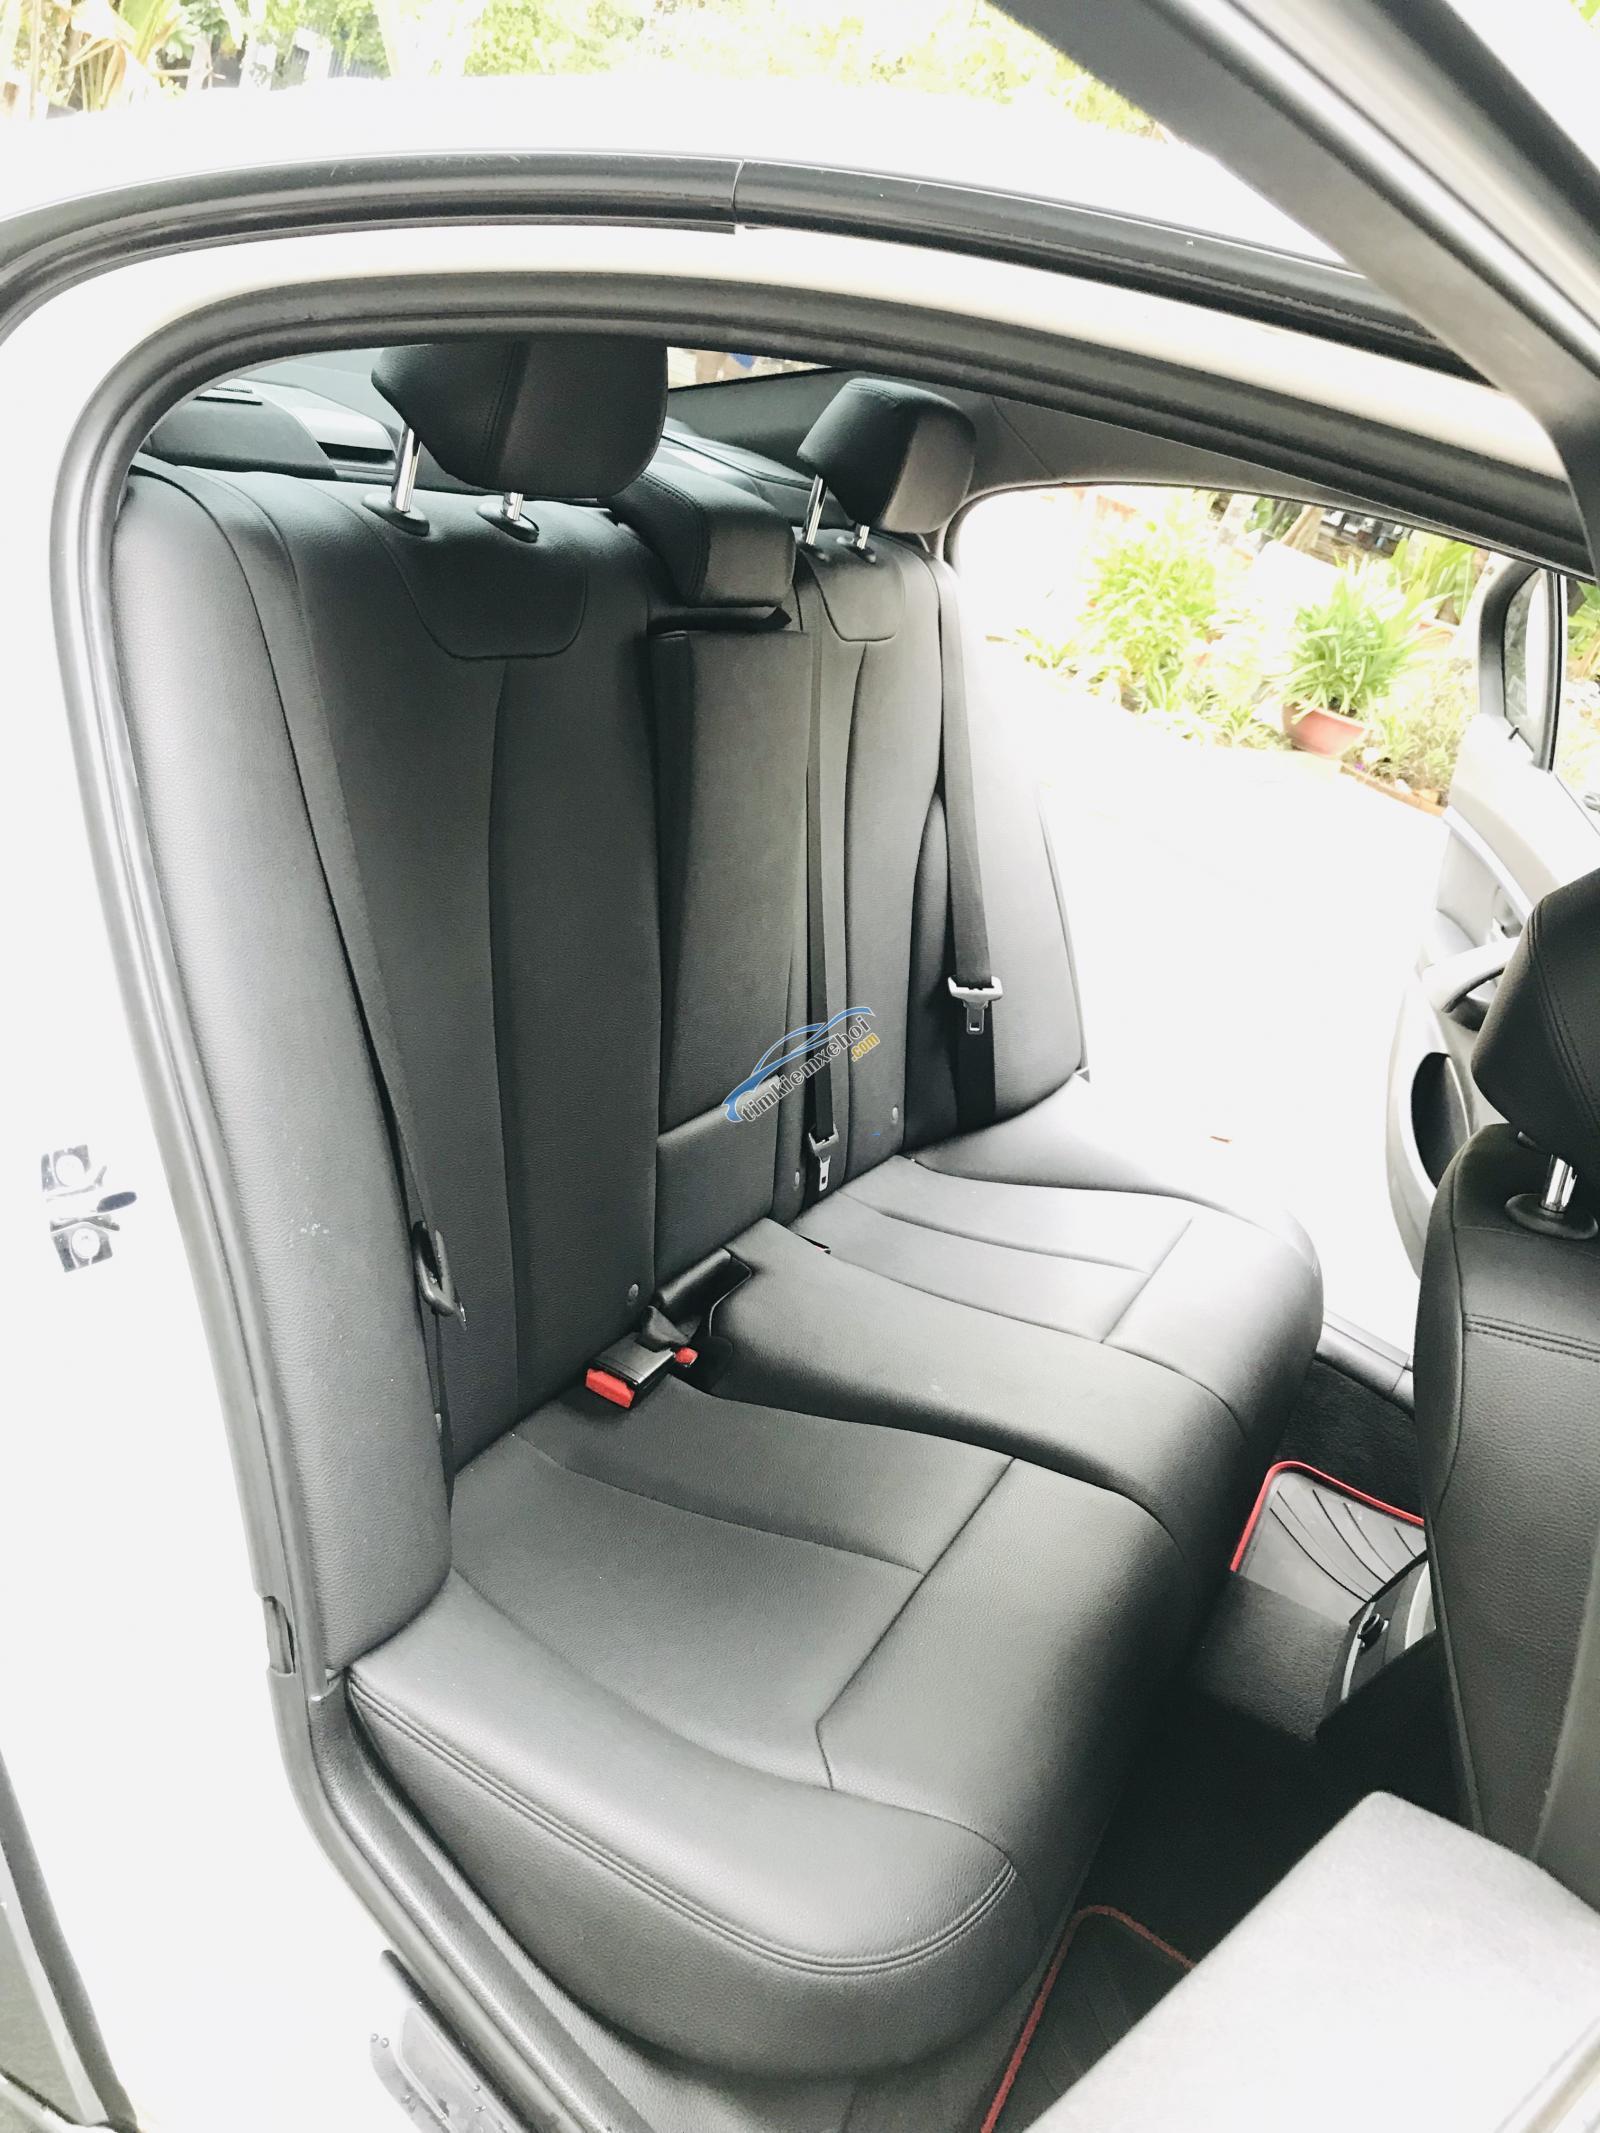 Bán ô tô BMW 3 Series 320i đời 2013, màu xám, nhập khẩu nguyên chiếc